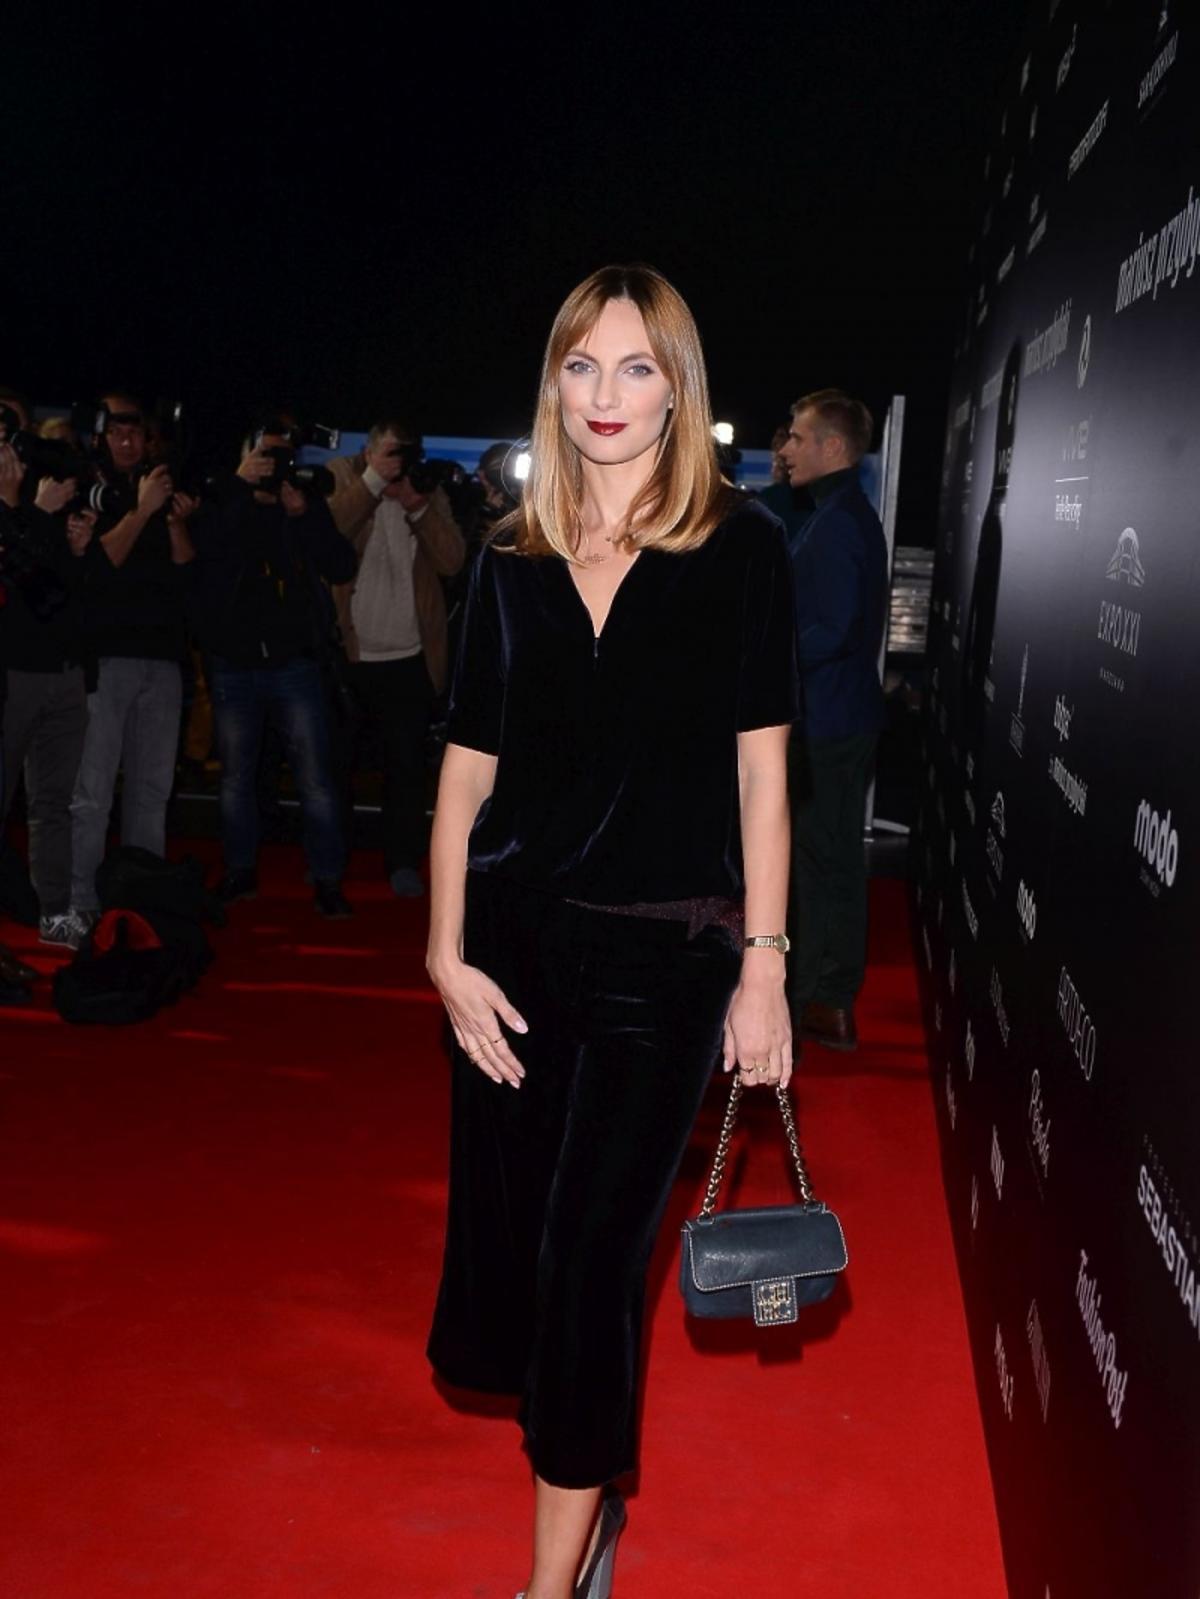 Sylwia Gliwa w czarnej aksamitowej sukience